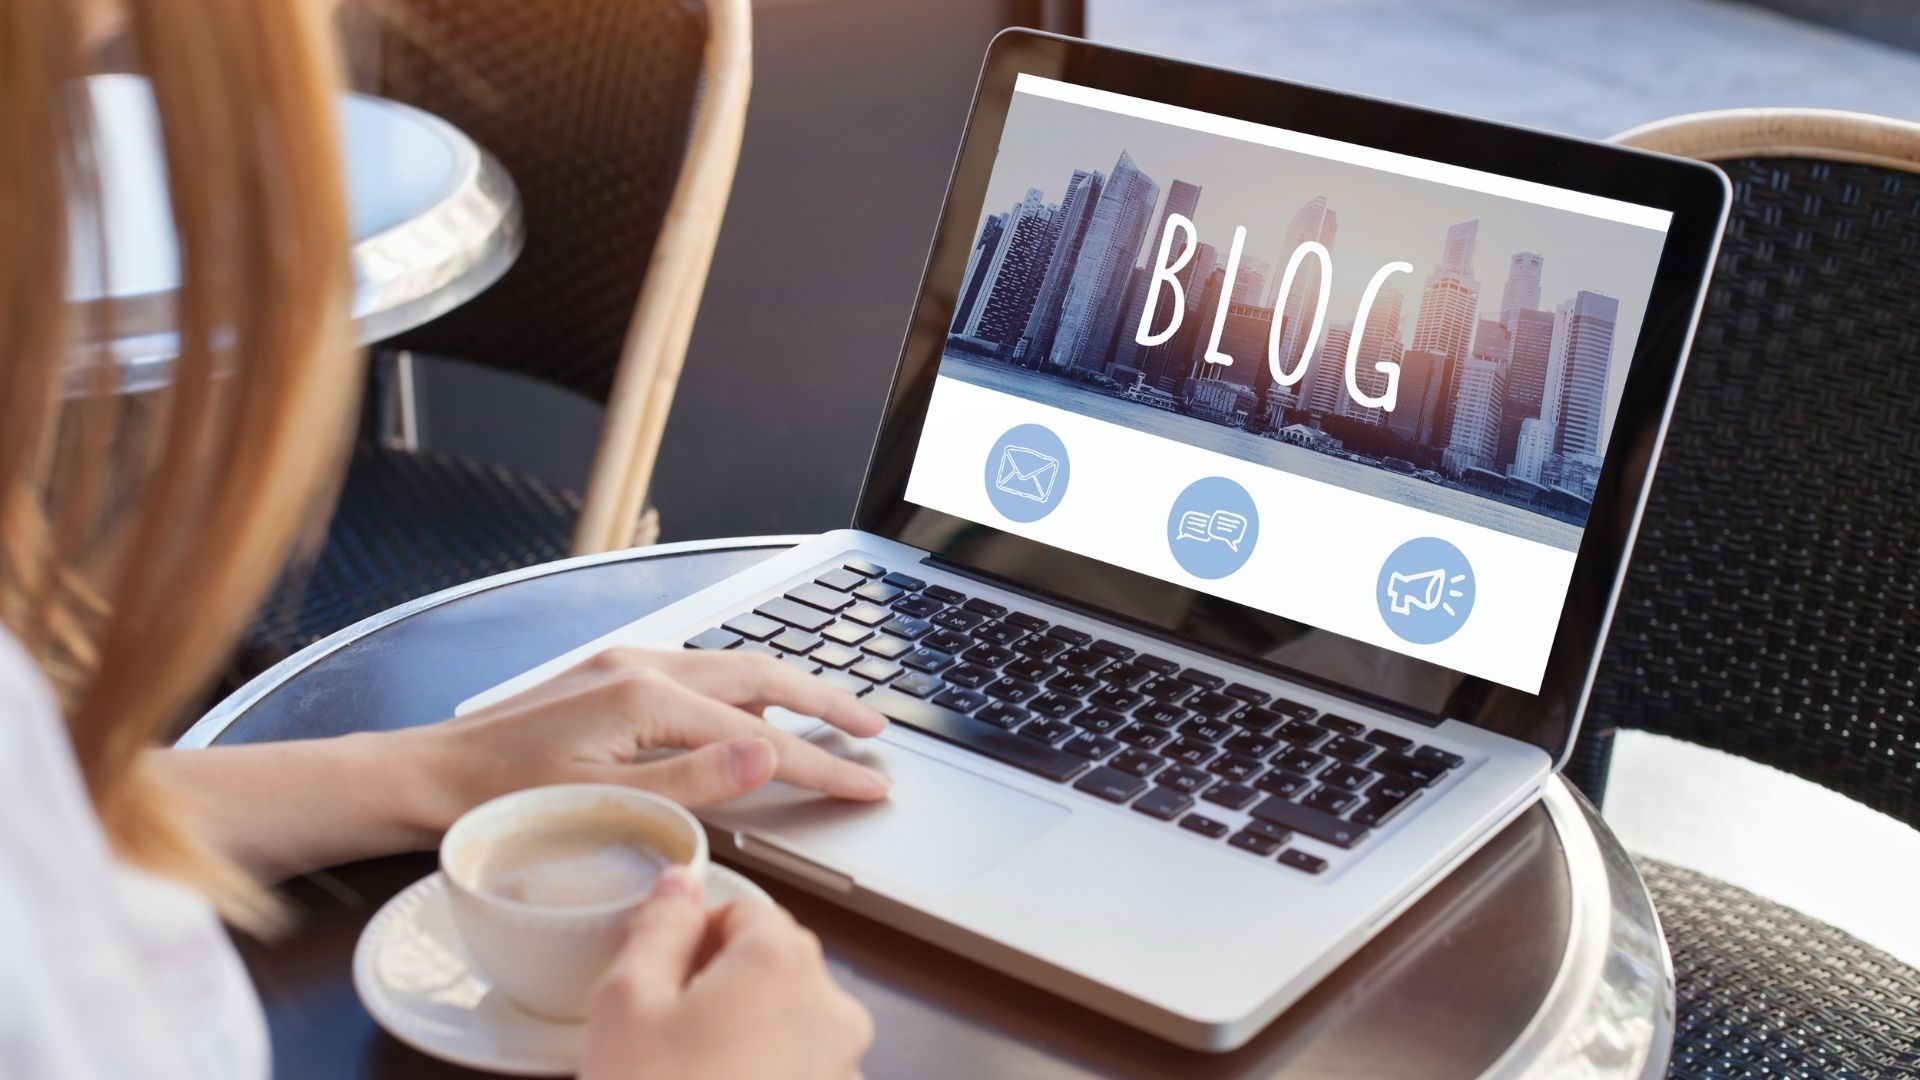 Blog Traffic Woman writing blog on laptop